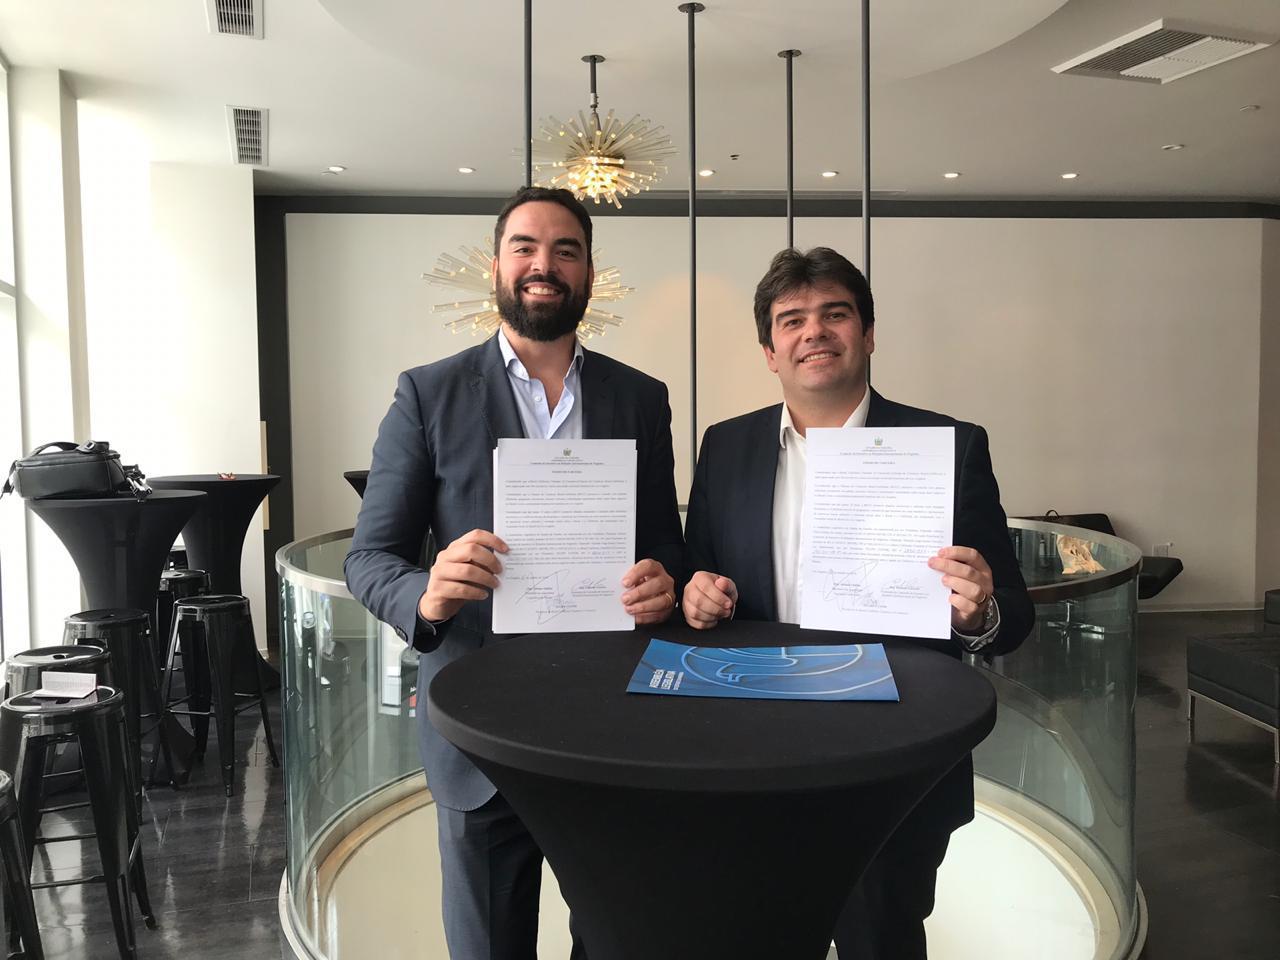 7342f571 a4d0 47a1 ab55 baaa5ea149e8 - Eduardo fecha parceria com Câmara Comércio Brasil-Califórnia para promoção de novos negócios